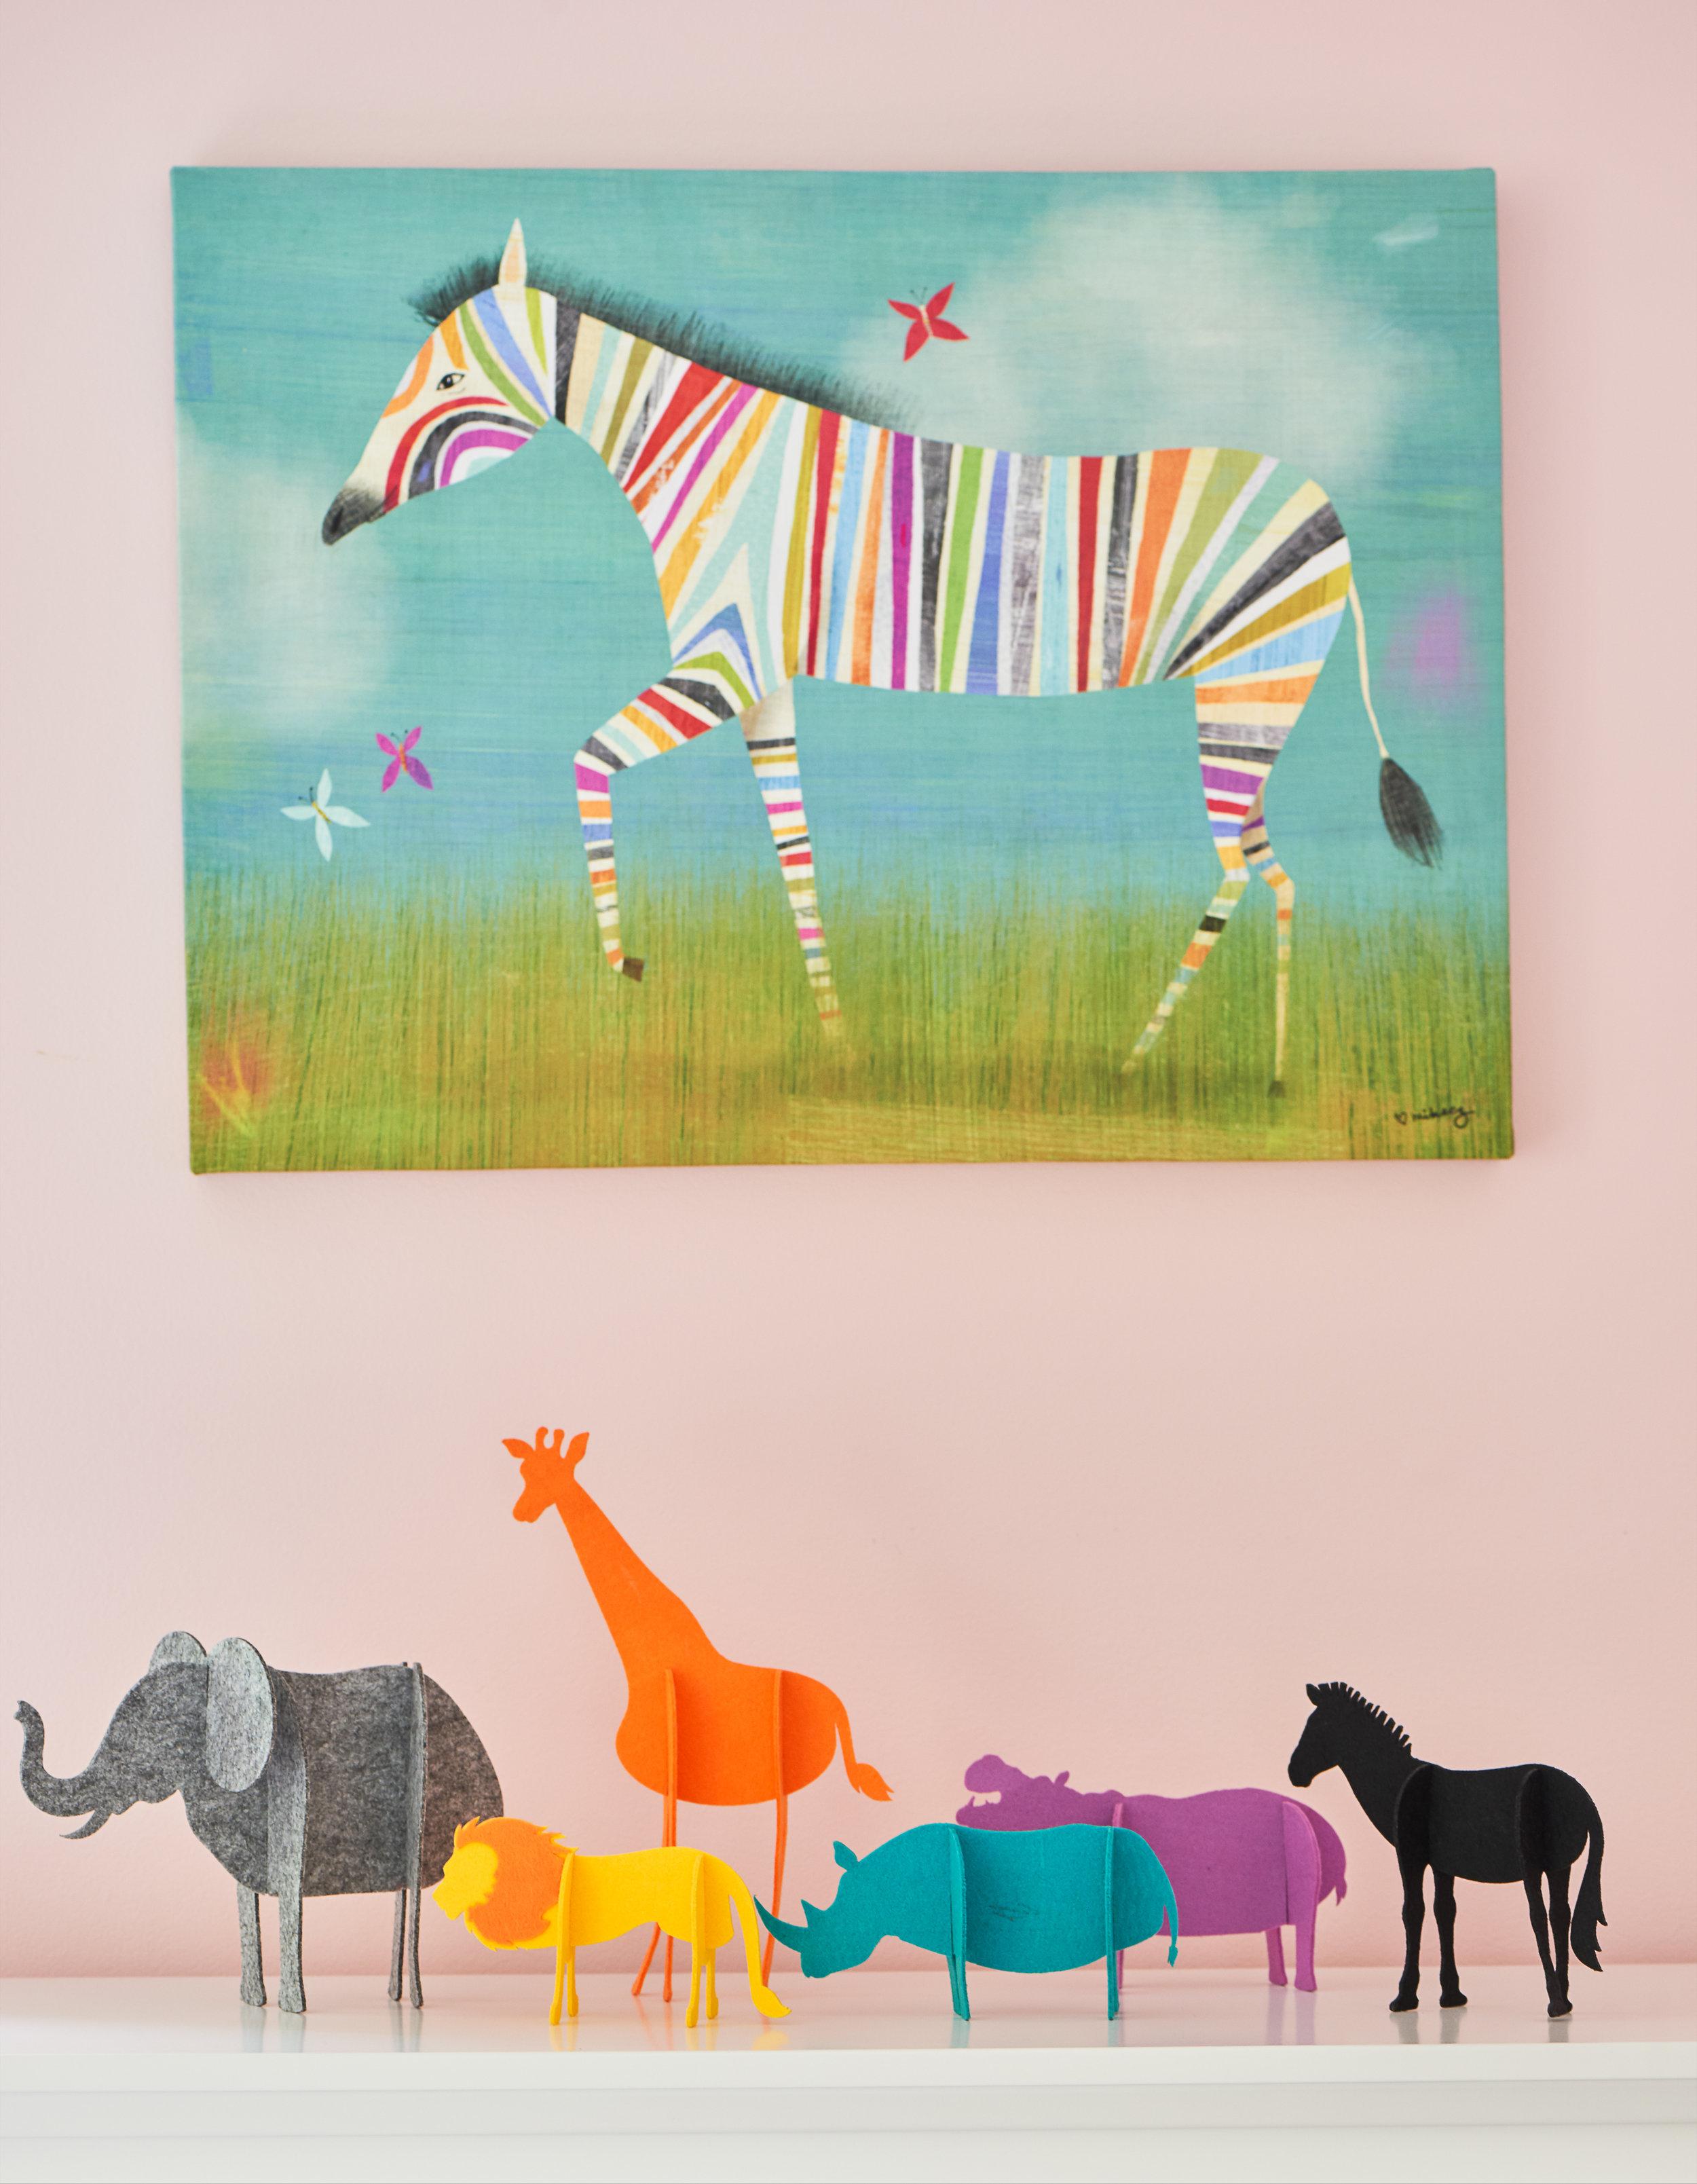 Children's art and bedroom accessories